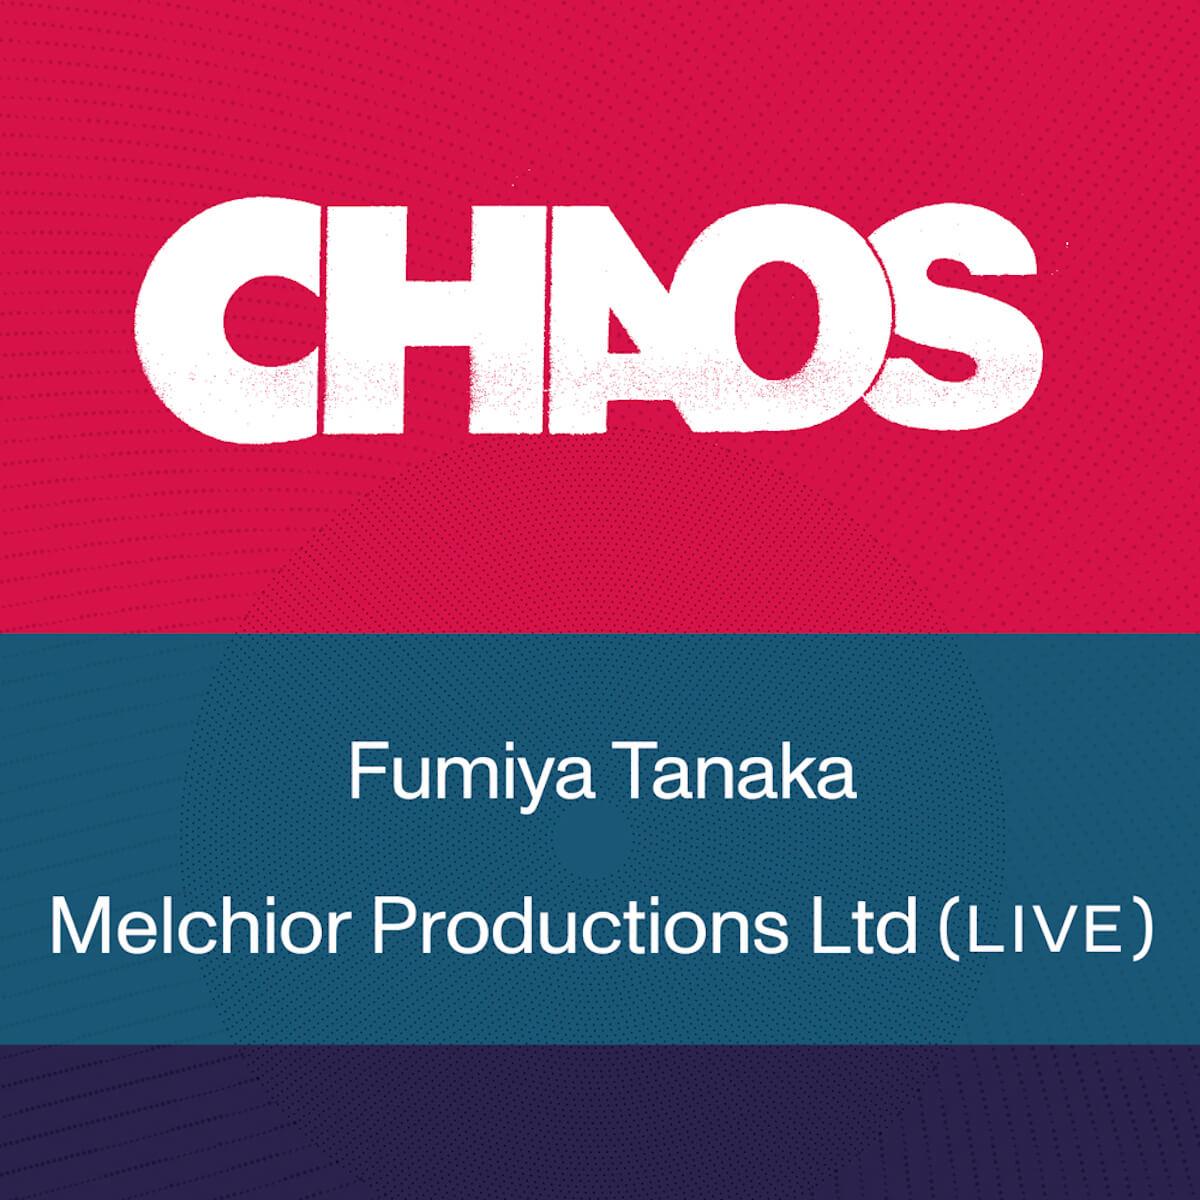 CIRCUS OSAKAが7周年!2日間に渡るアニバーサリーパーティーを開催 KAKATO、okadada、DJ FULLTONOらがラインナップに CHAOS_2019